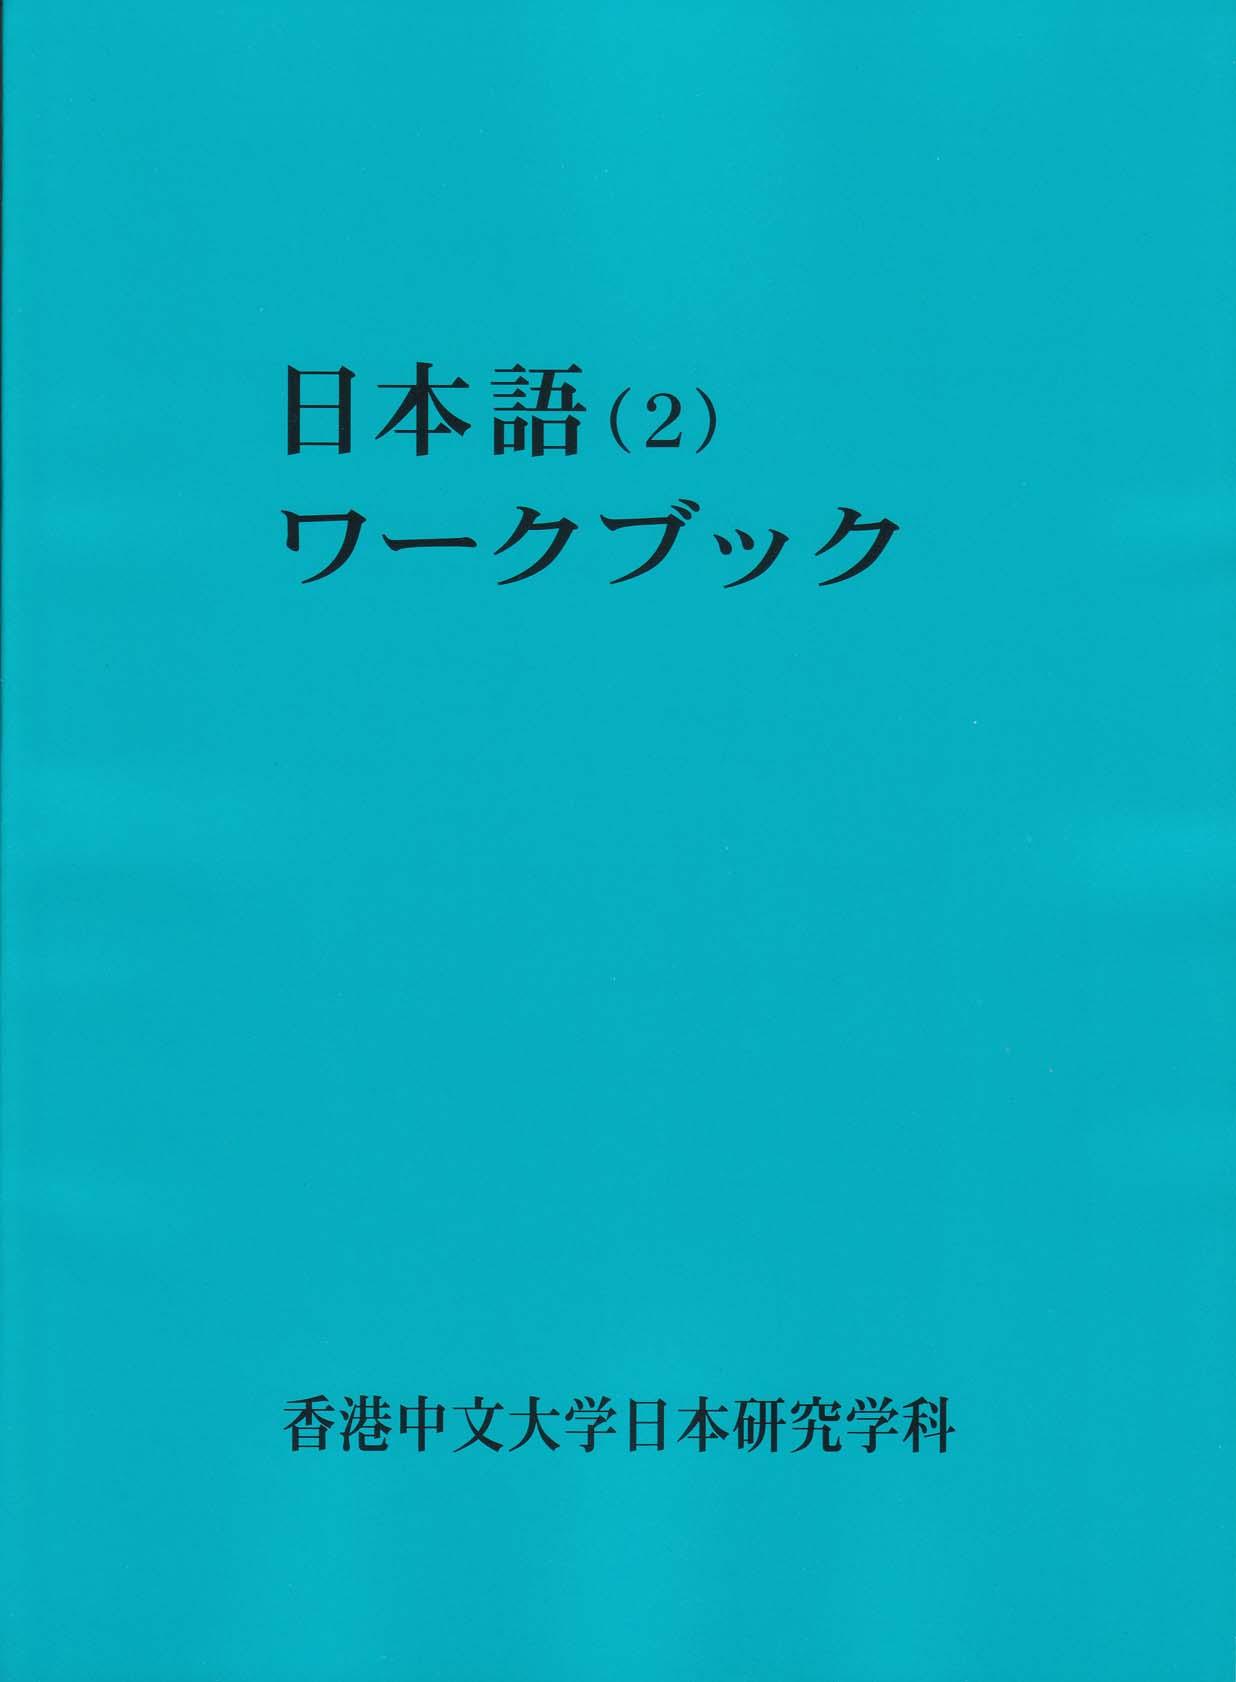 日本語(2)ワークブック